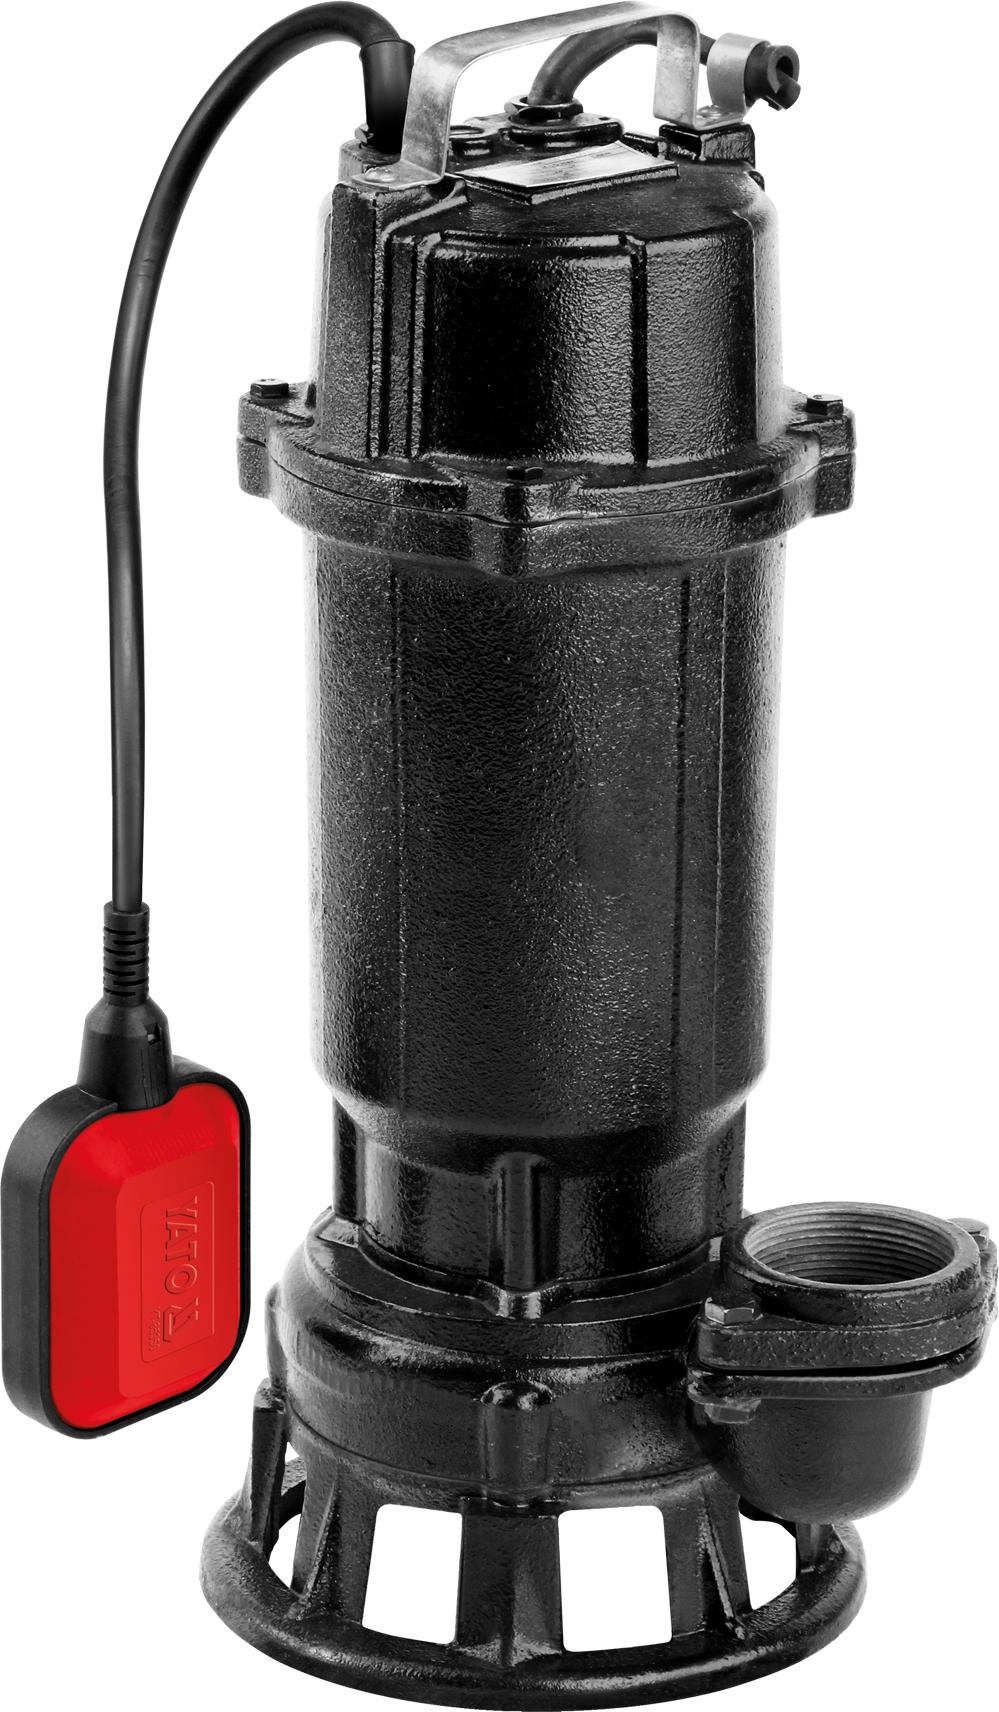 Yato Pompa żeliwna z rozdrabniaczem 750W (YT-85350) 1